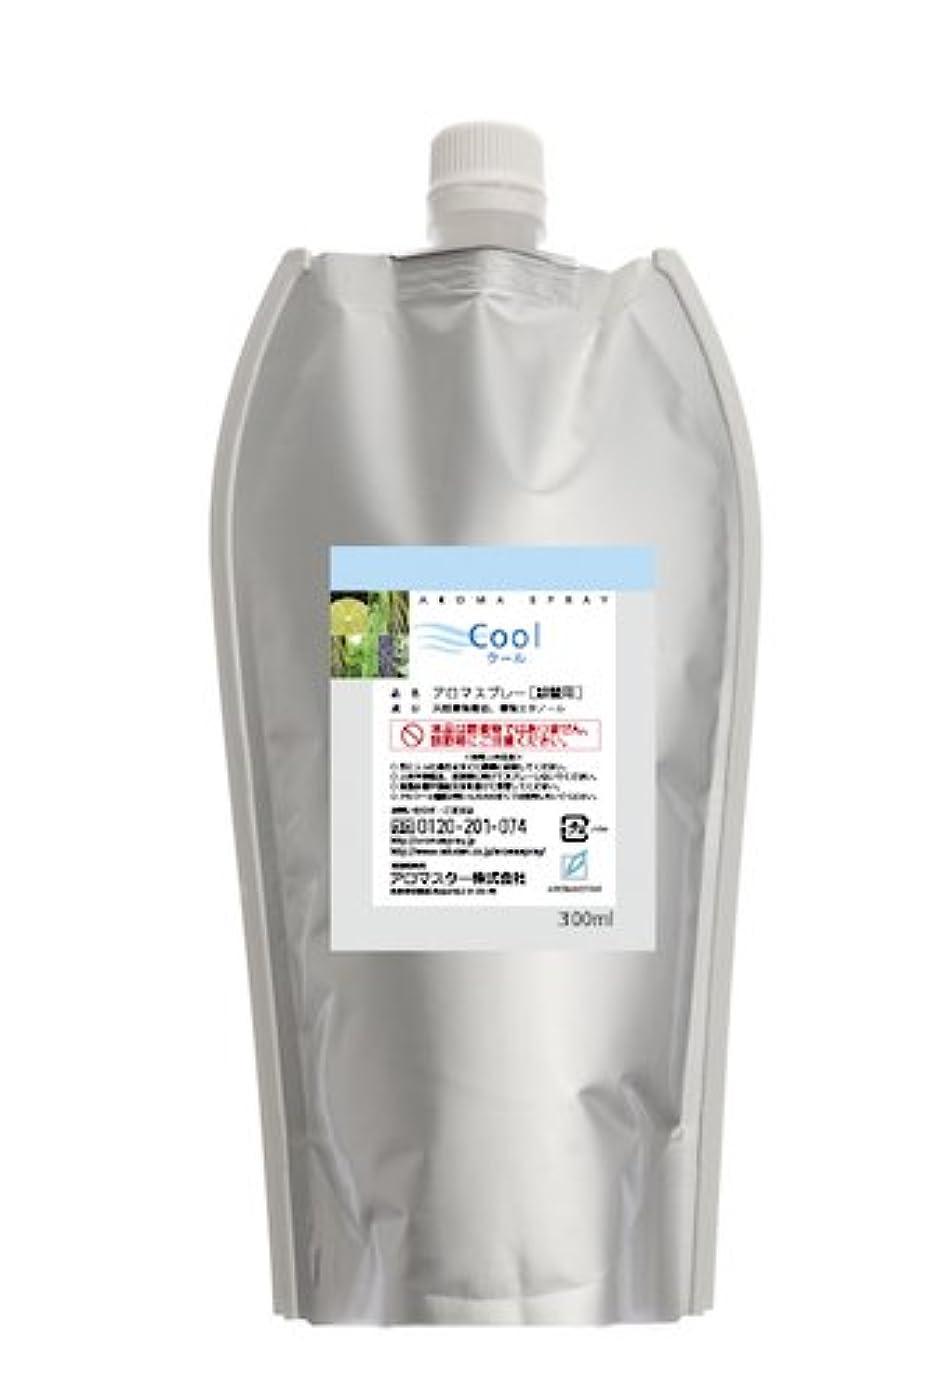 努力タンパク質ローストAROMASTAR(アロマスター) アロマスプレー クール 300ml詰替用(エコパック)